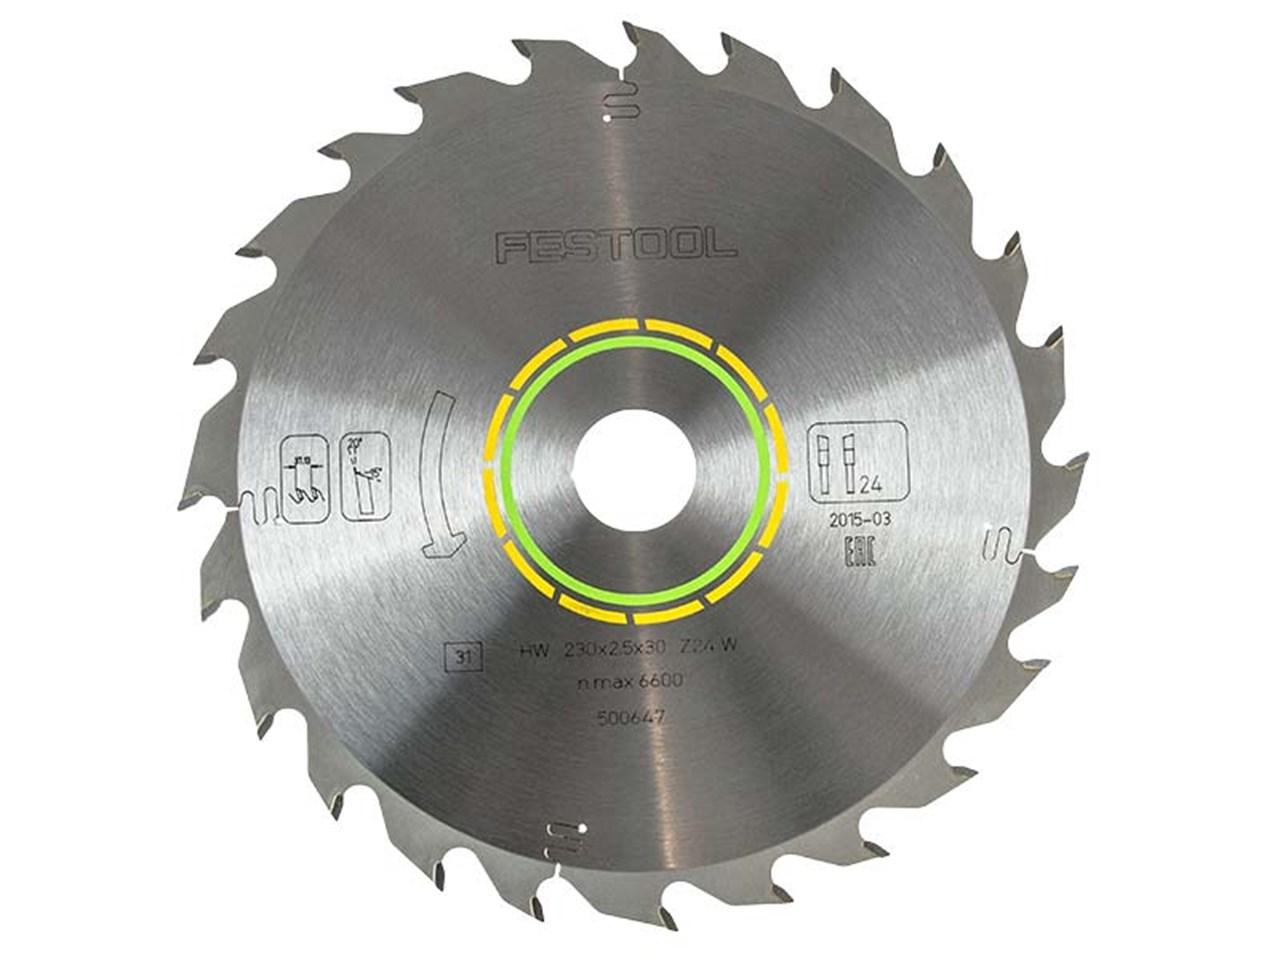 Festool 230x2.5x30 W24 230x30mmx24T Standard Circular Saw